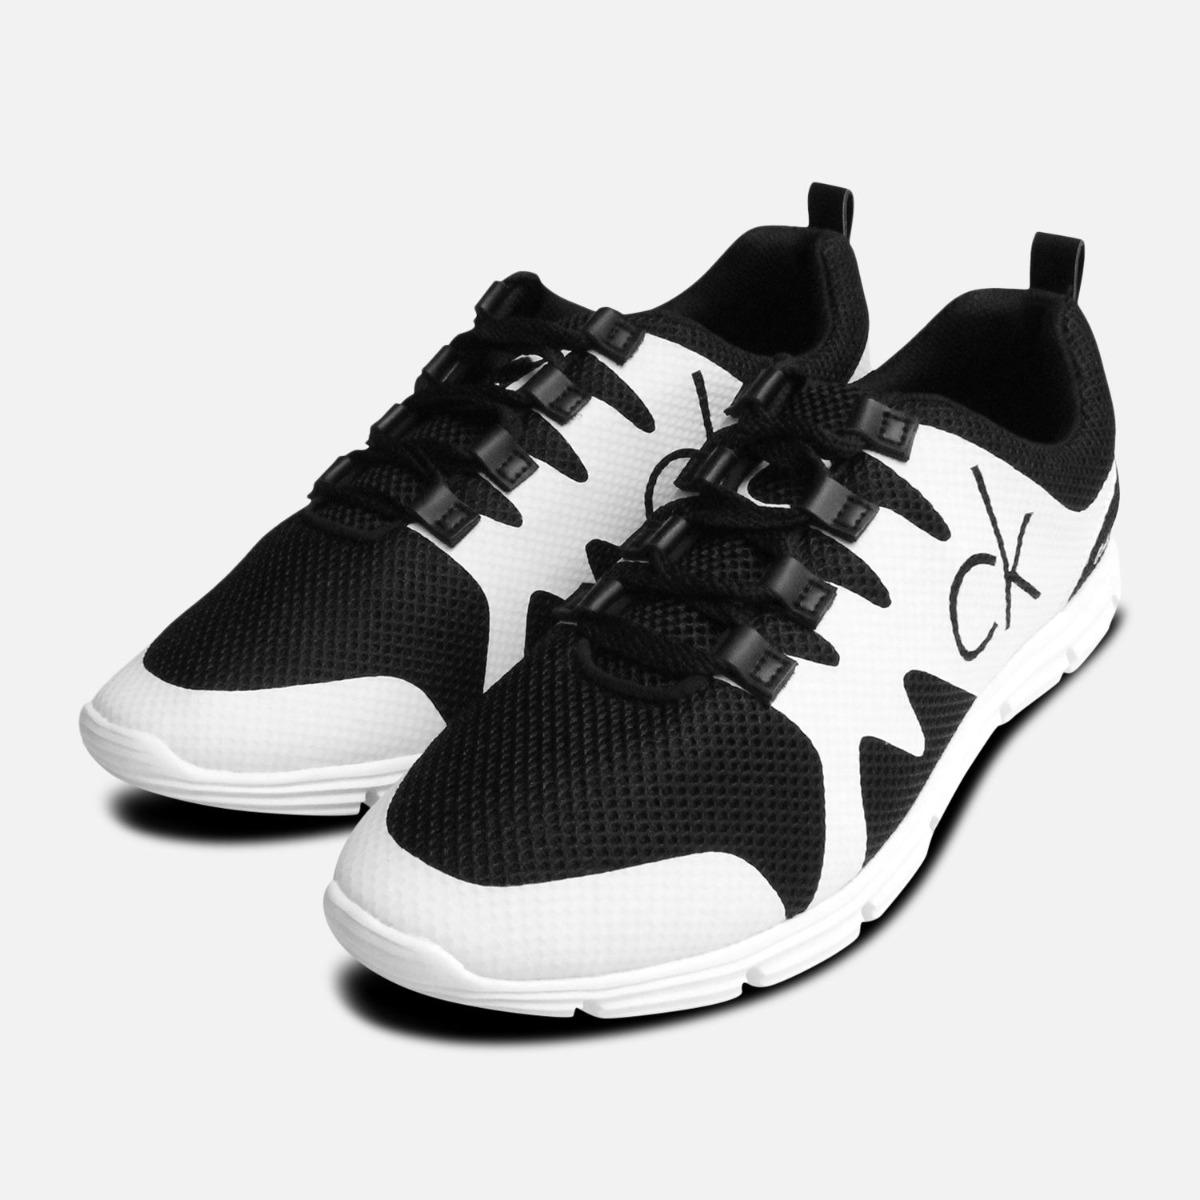 best shoe brands for men